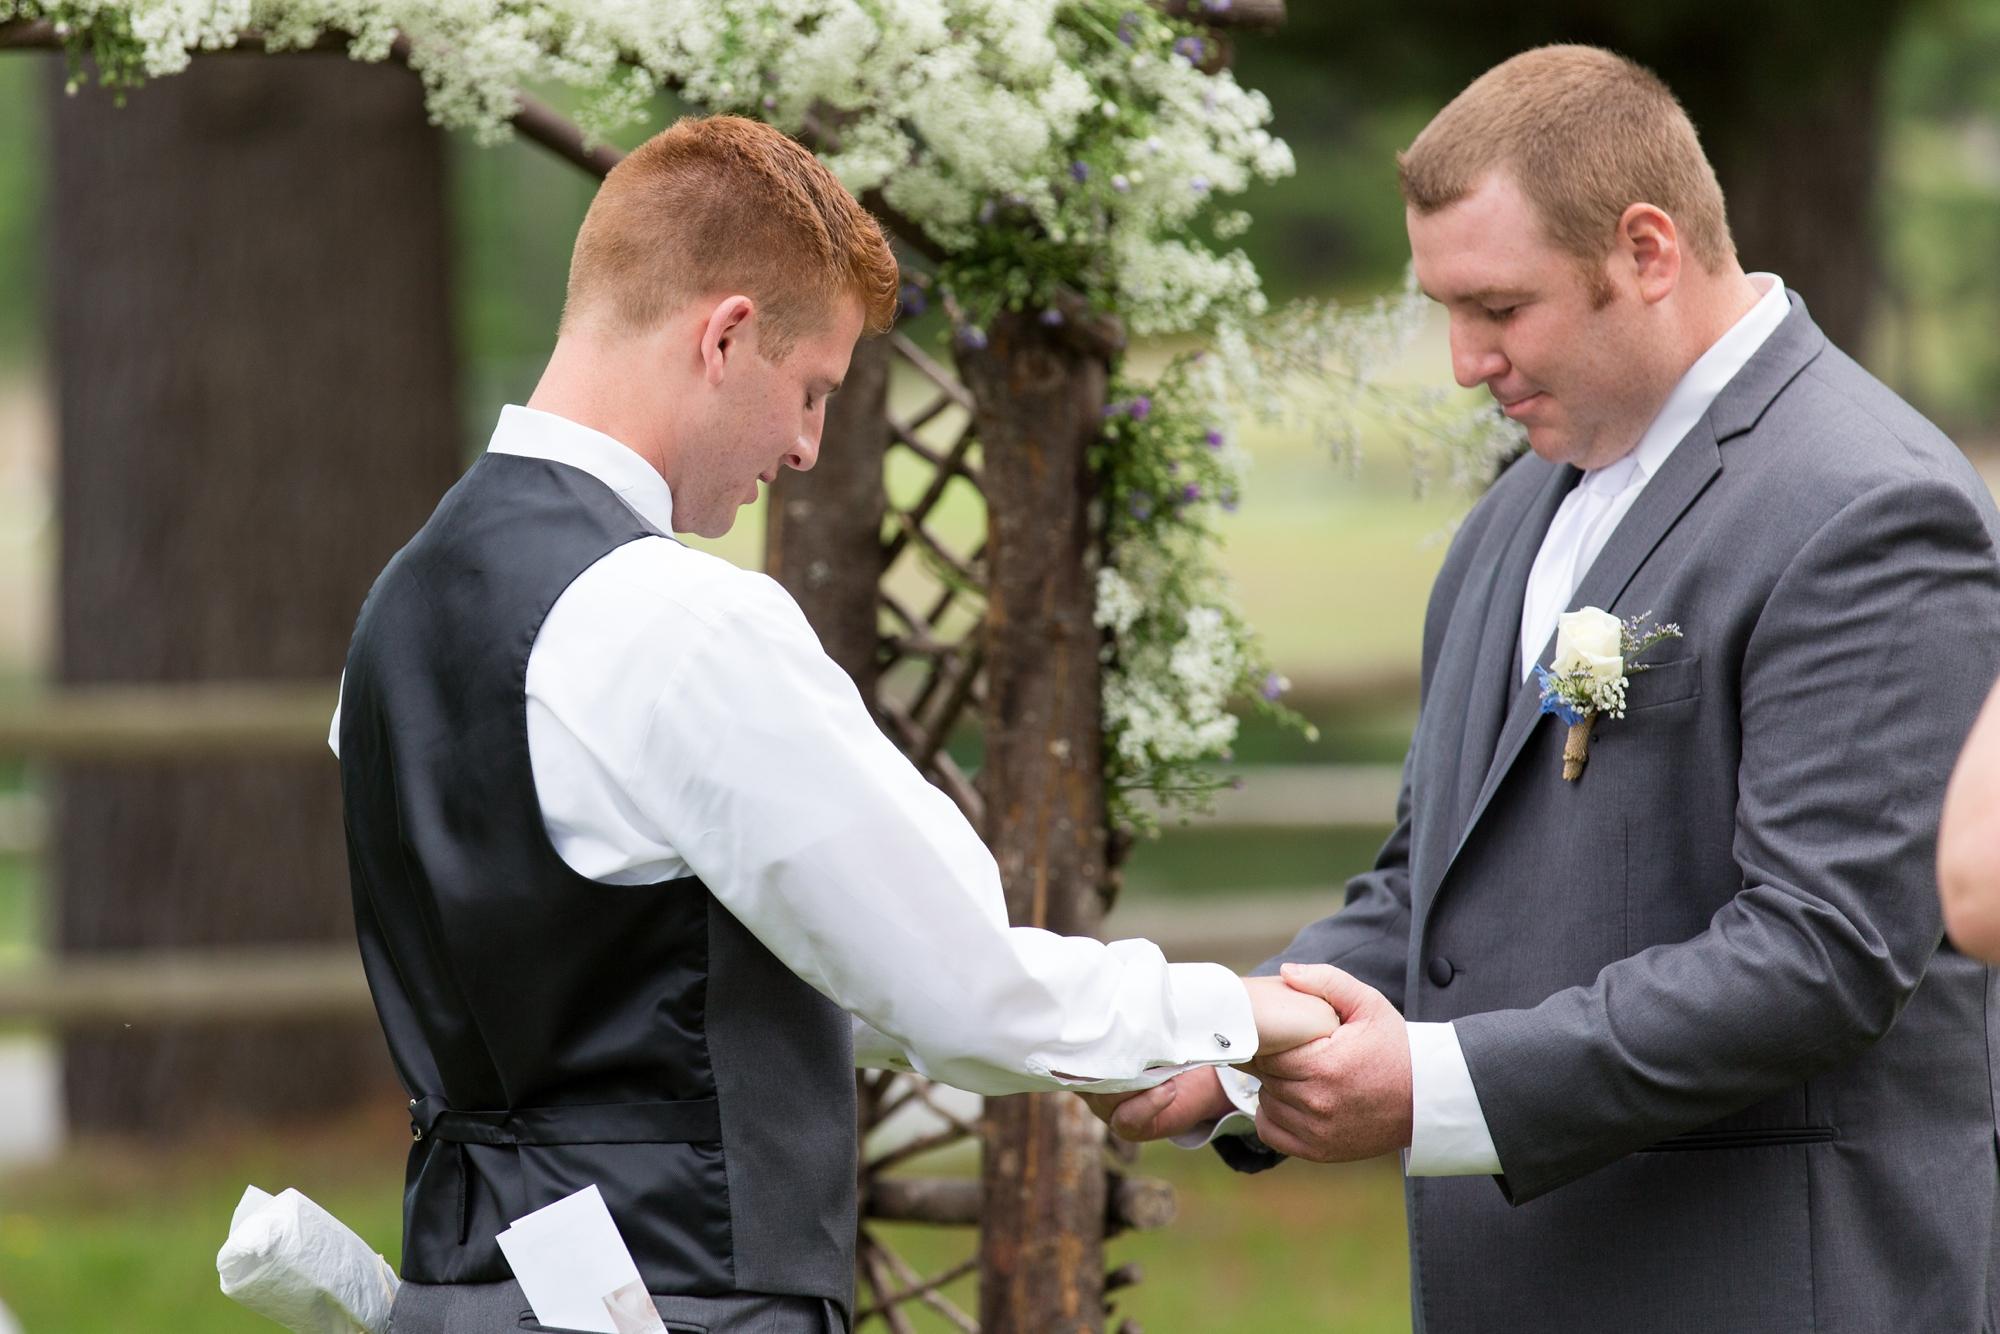 Albany NY Wedding Photographer Justin Tibbitts Photography 2014 Best of Albany NY Weddings-47427333329